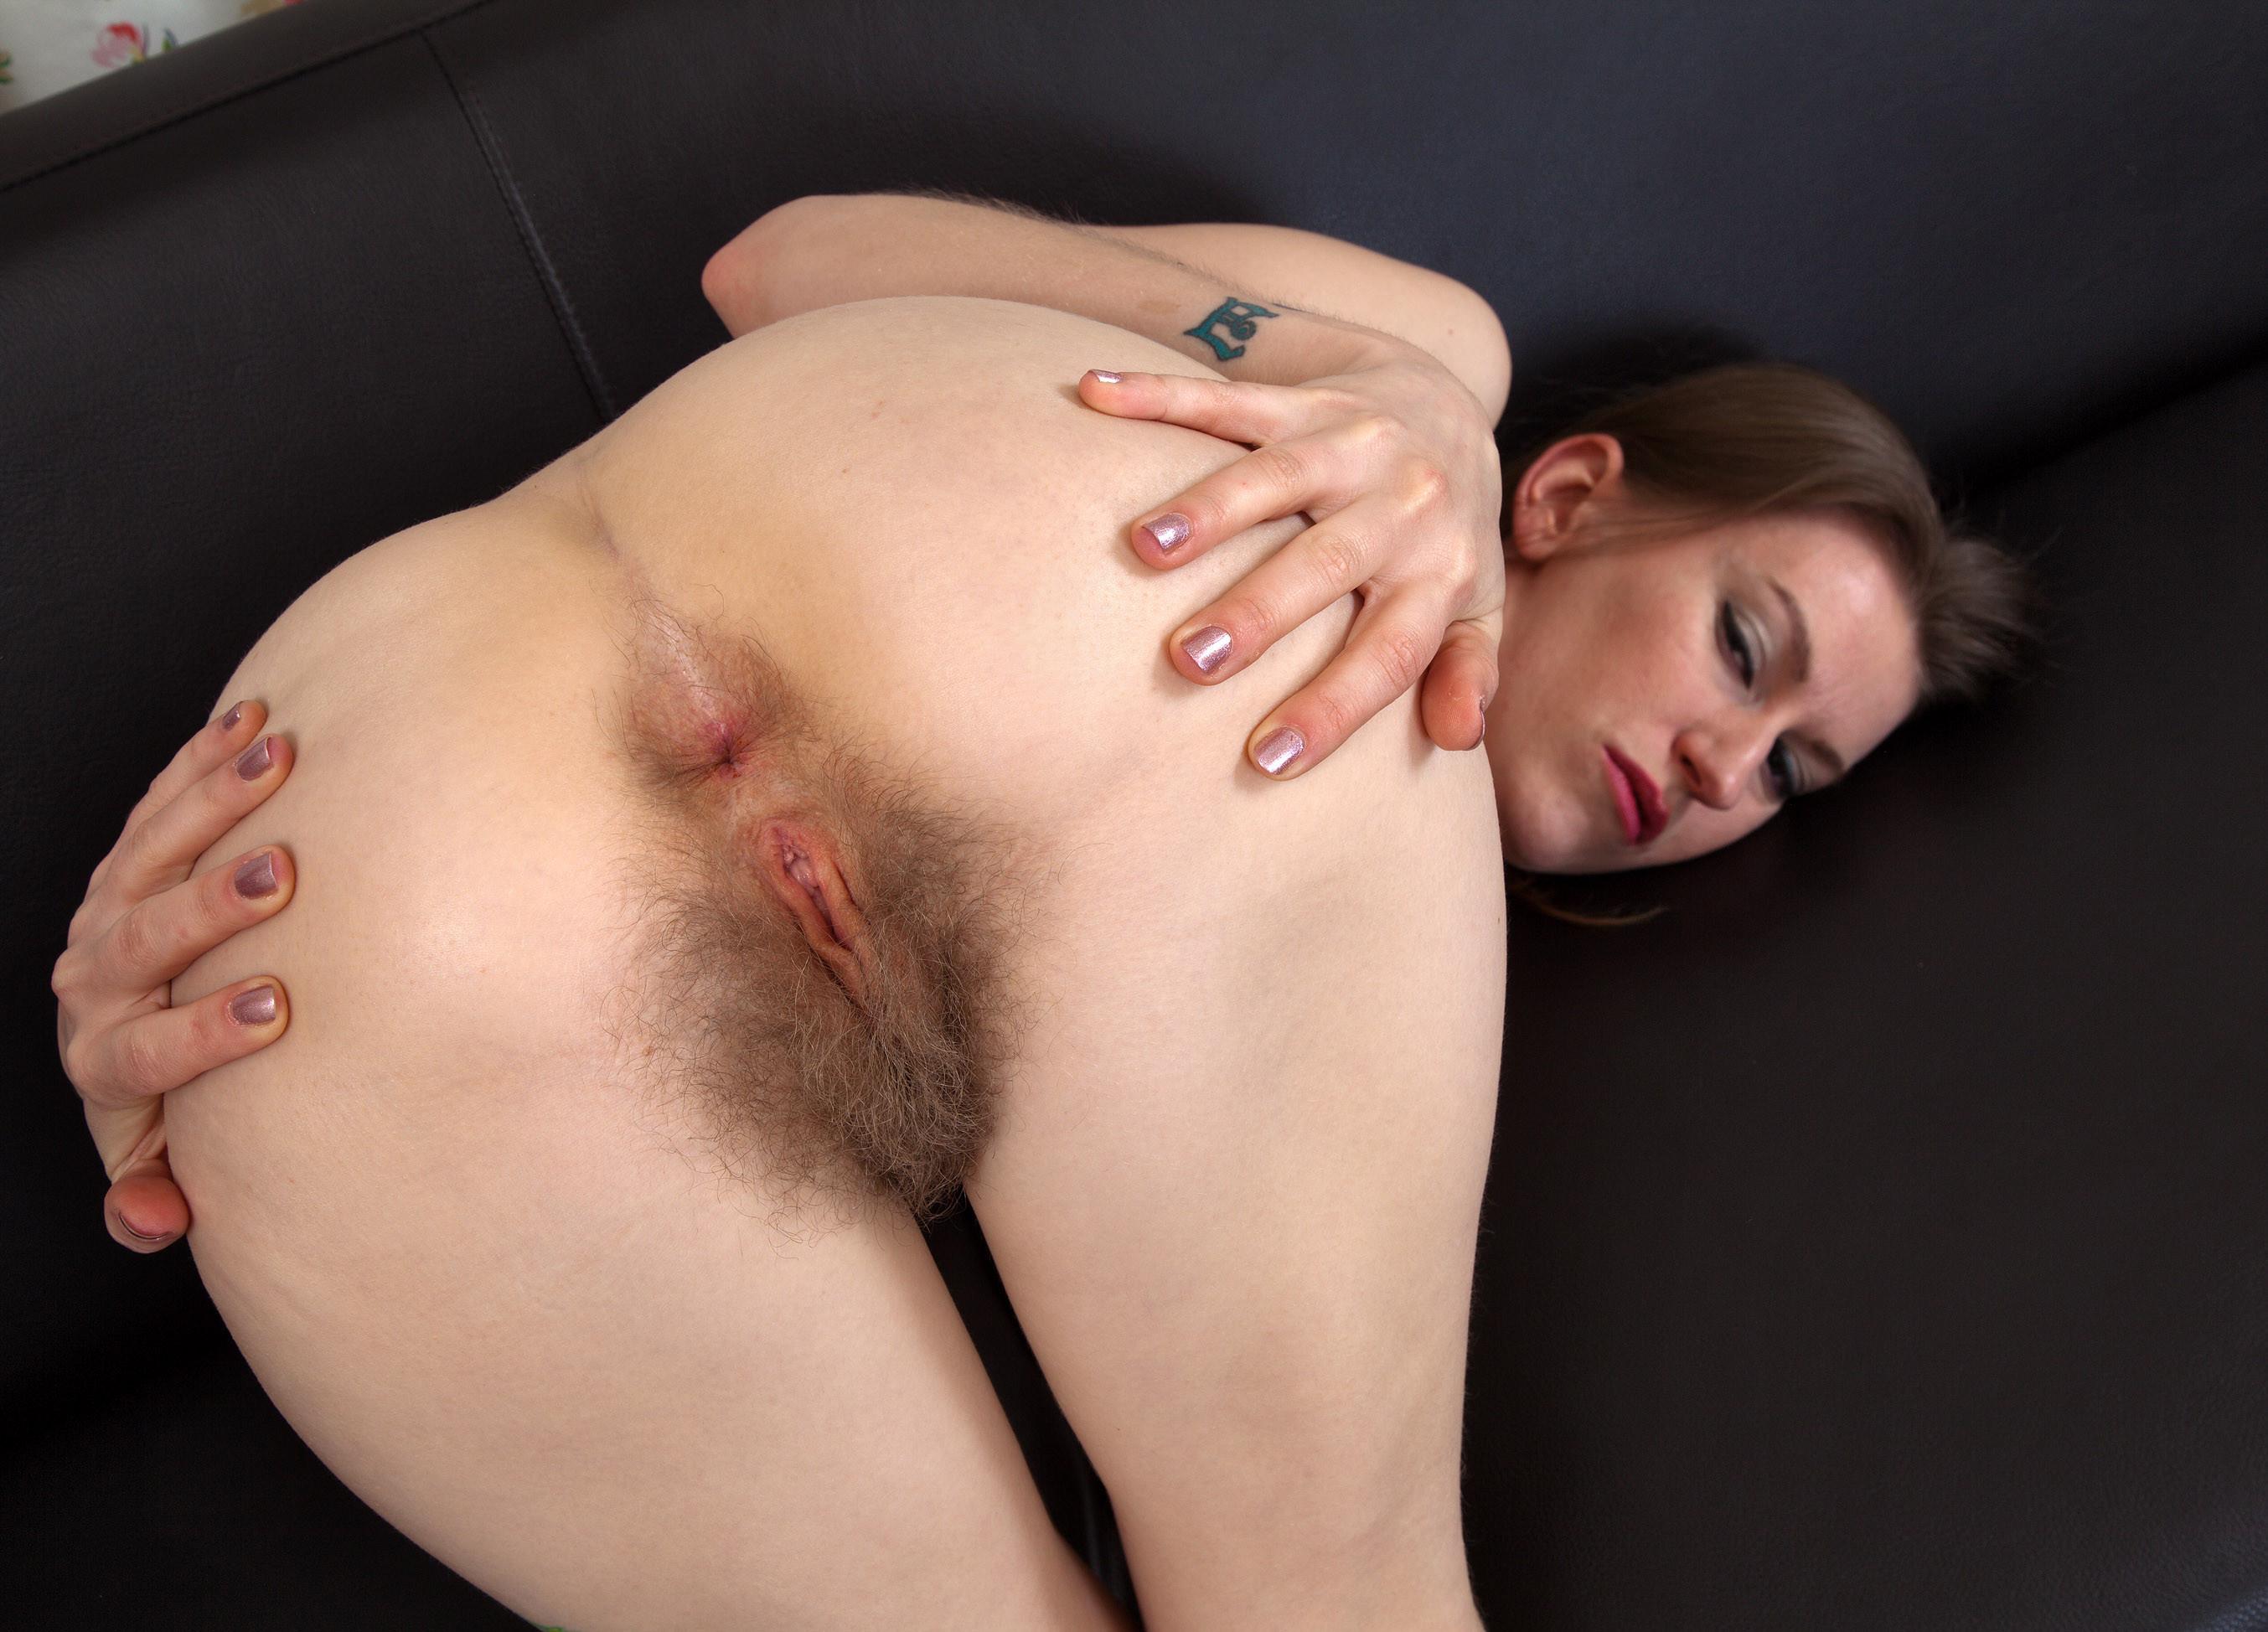 Супер лохматая вагина, Порно видео волосатые, женщины с волосатыми 3 фотография